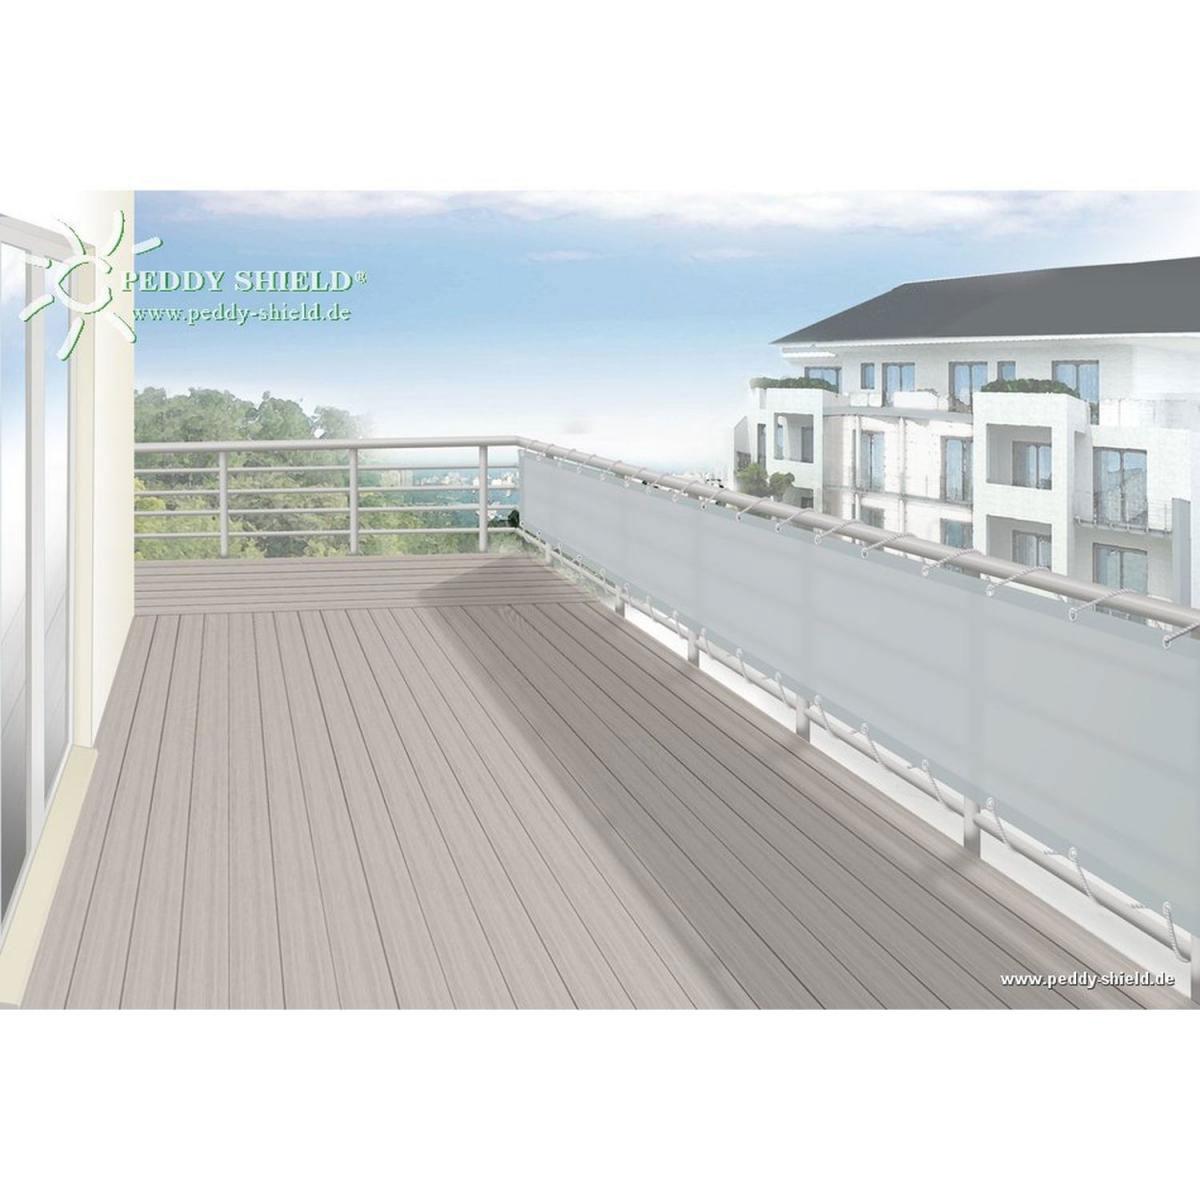 Full Size of Trennwand Balkon Gray Sichtschutz Online Kaufen Mbel Suchmaschine Ladendirekt Garten Glastrennwand Dusche Wohnzimmer Trennwand Balkon